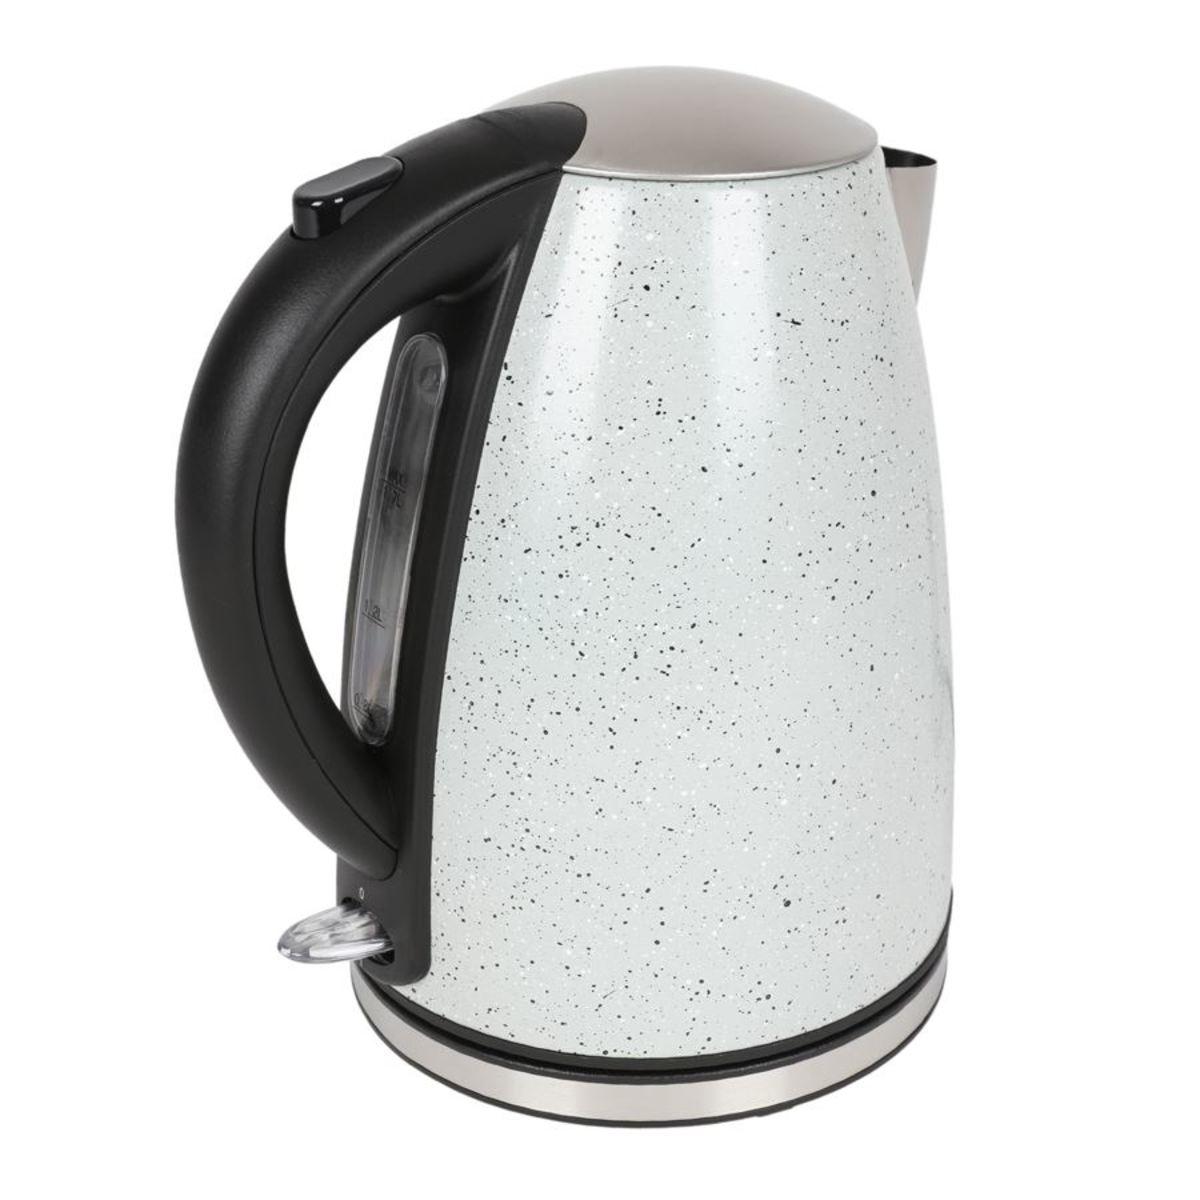 Bild 2 von TAS Wasserkocher 1,7L Grau-Metallic